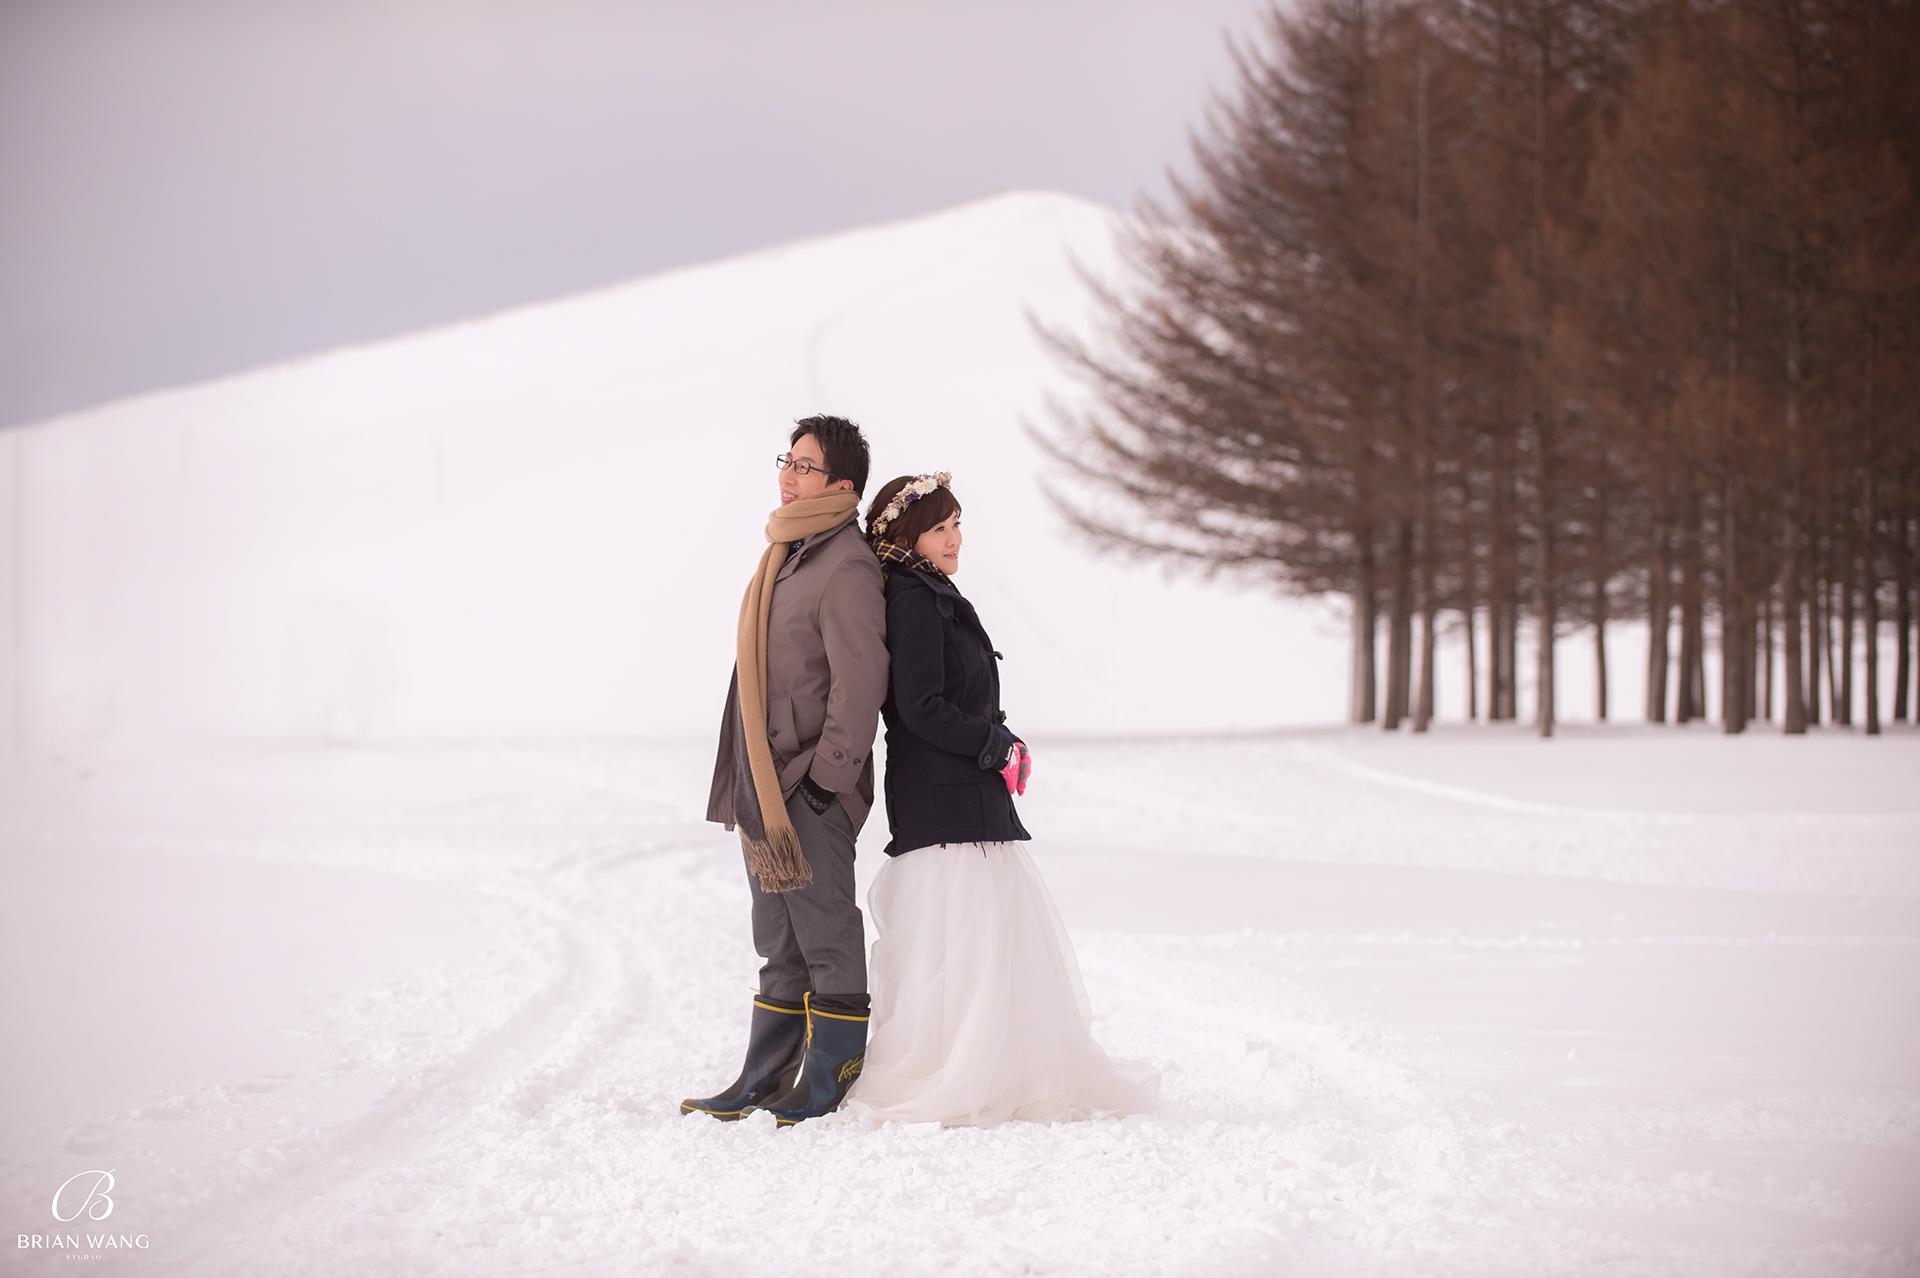 '北海道自助婚紗,北海道婚紗攝影,北海道雪景婚紗,海外婚紗價格,雪景婚紗,拍和服,北海道海外婚紗費用,伏見稻荷,札幌,1920BWS_7252'